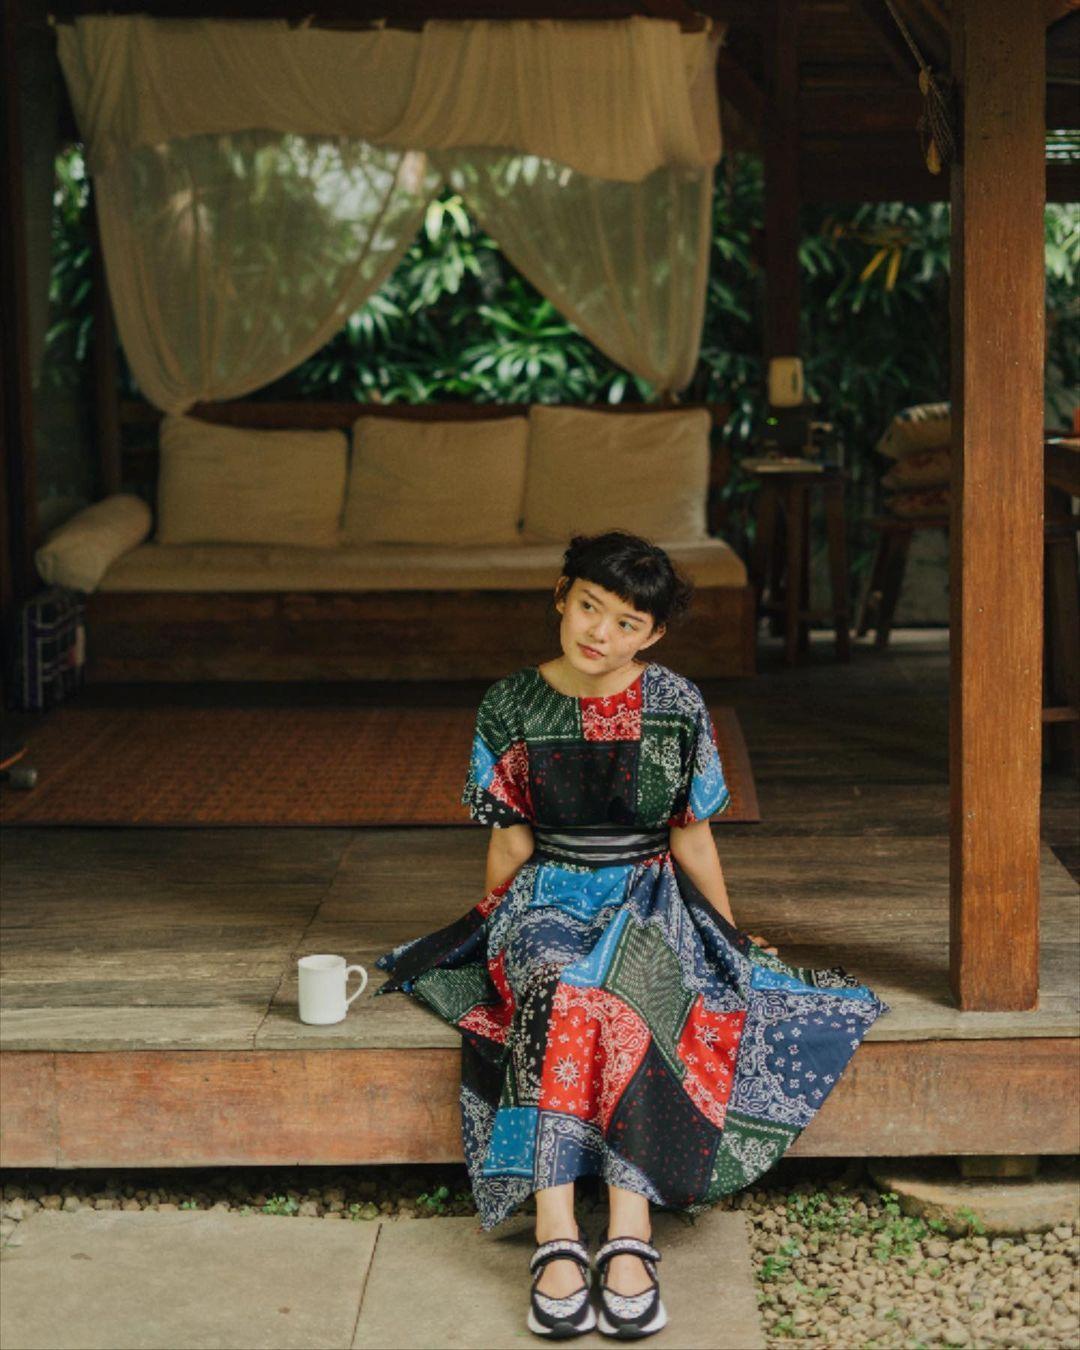 Tampil Chic dengan Kain Indonesia a La Sonia Eryka